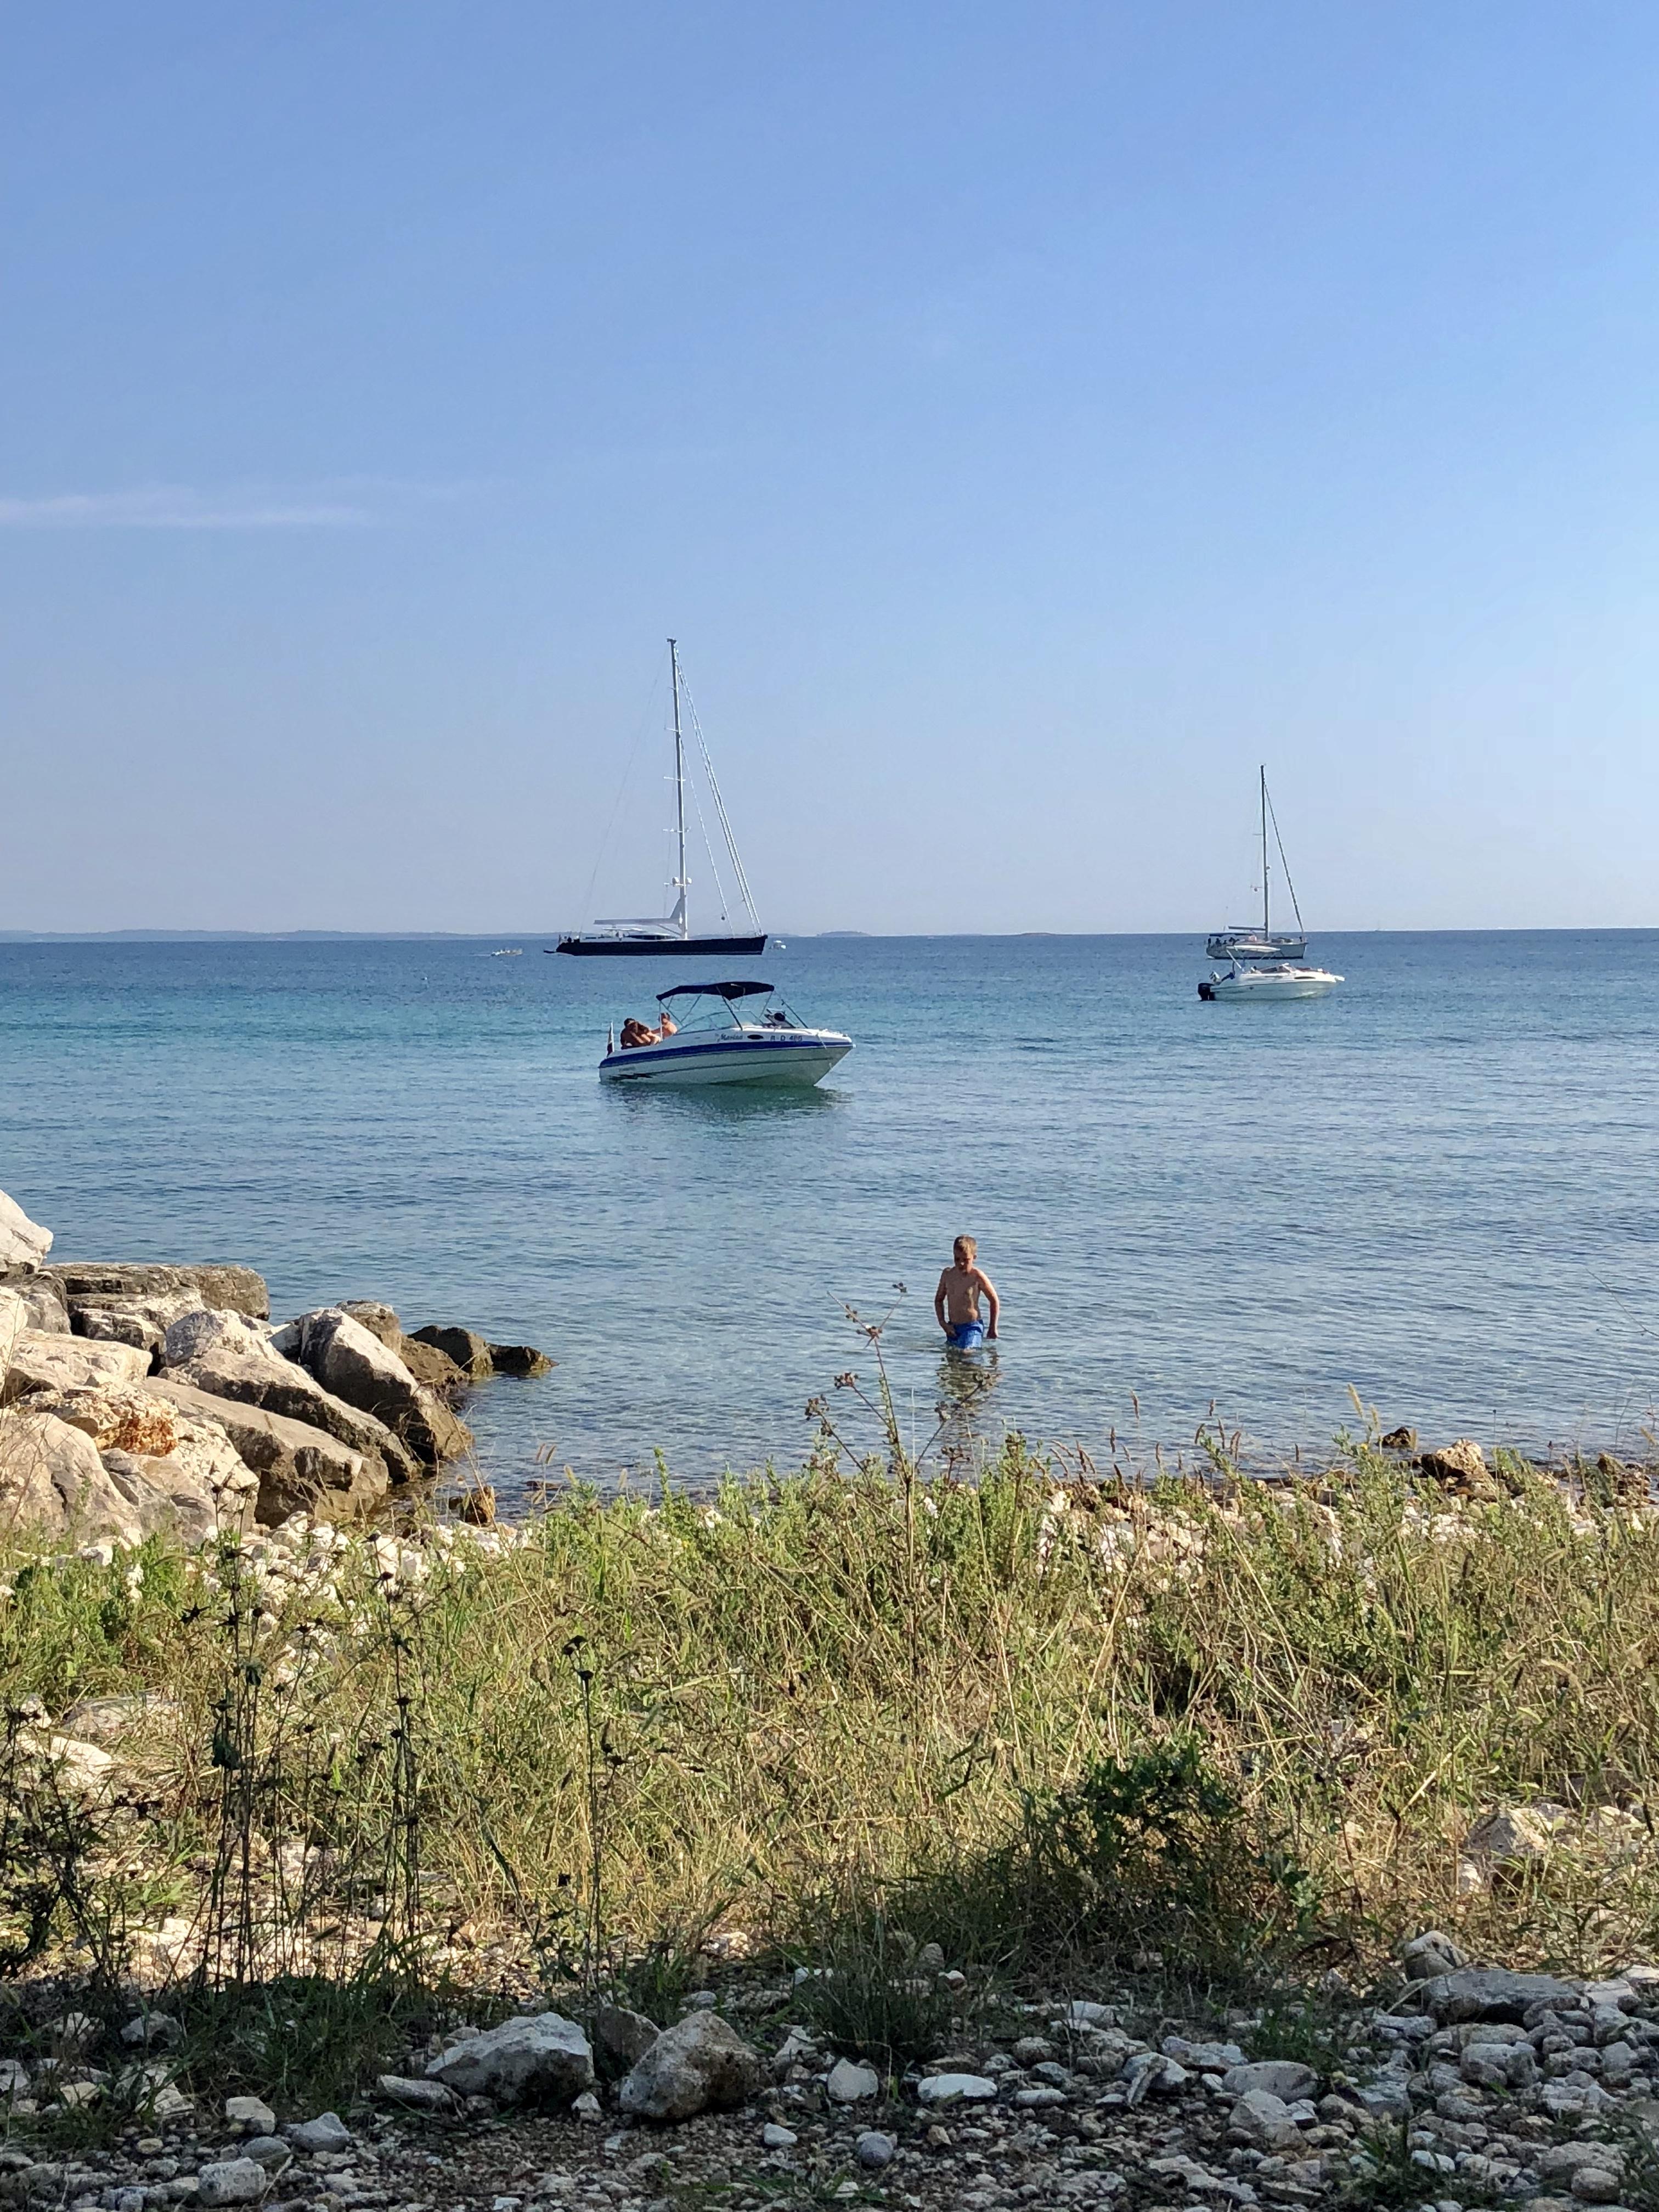 chorwacja, croatia, chorwacja plaże, palud